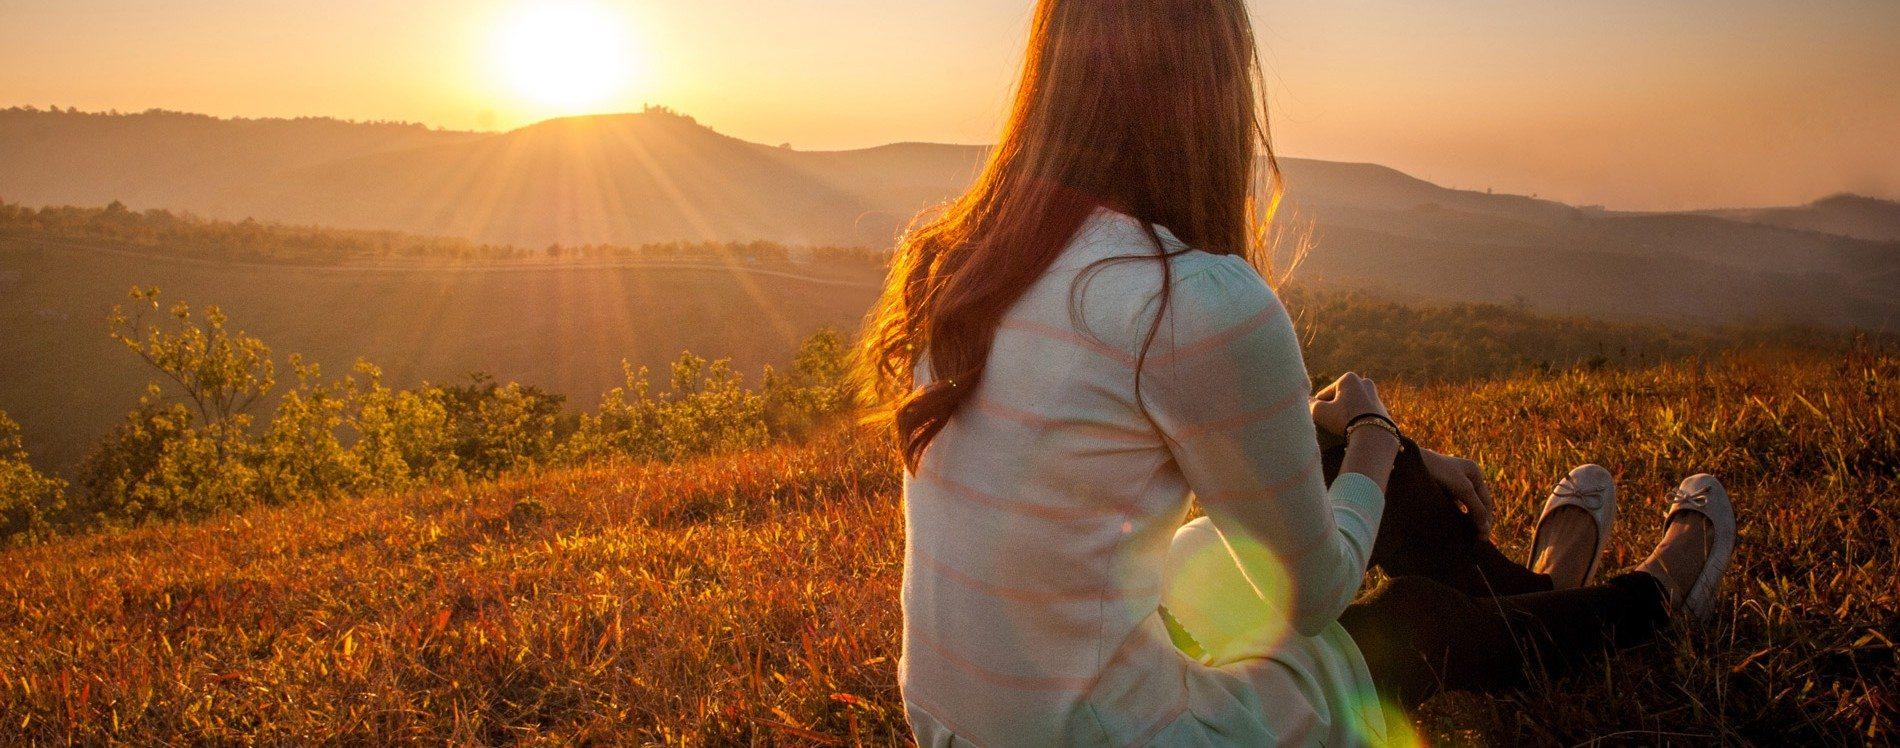 REINO DE DIOS Nº5: ¿CUÁNDO ESTÁ CERCA EL REINO DE DIOS?